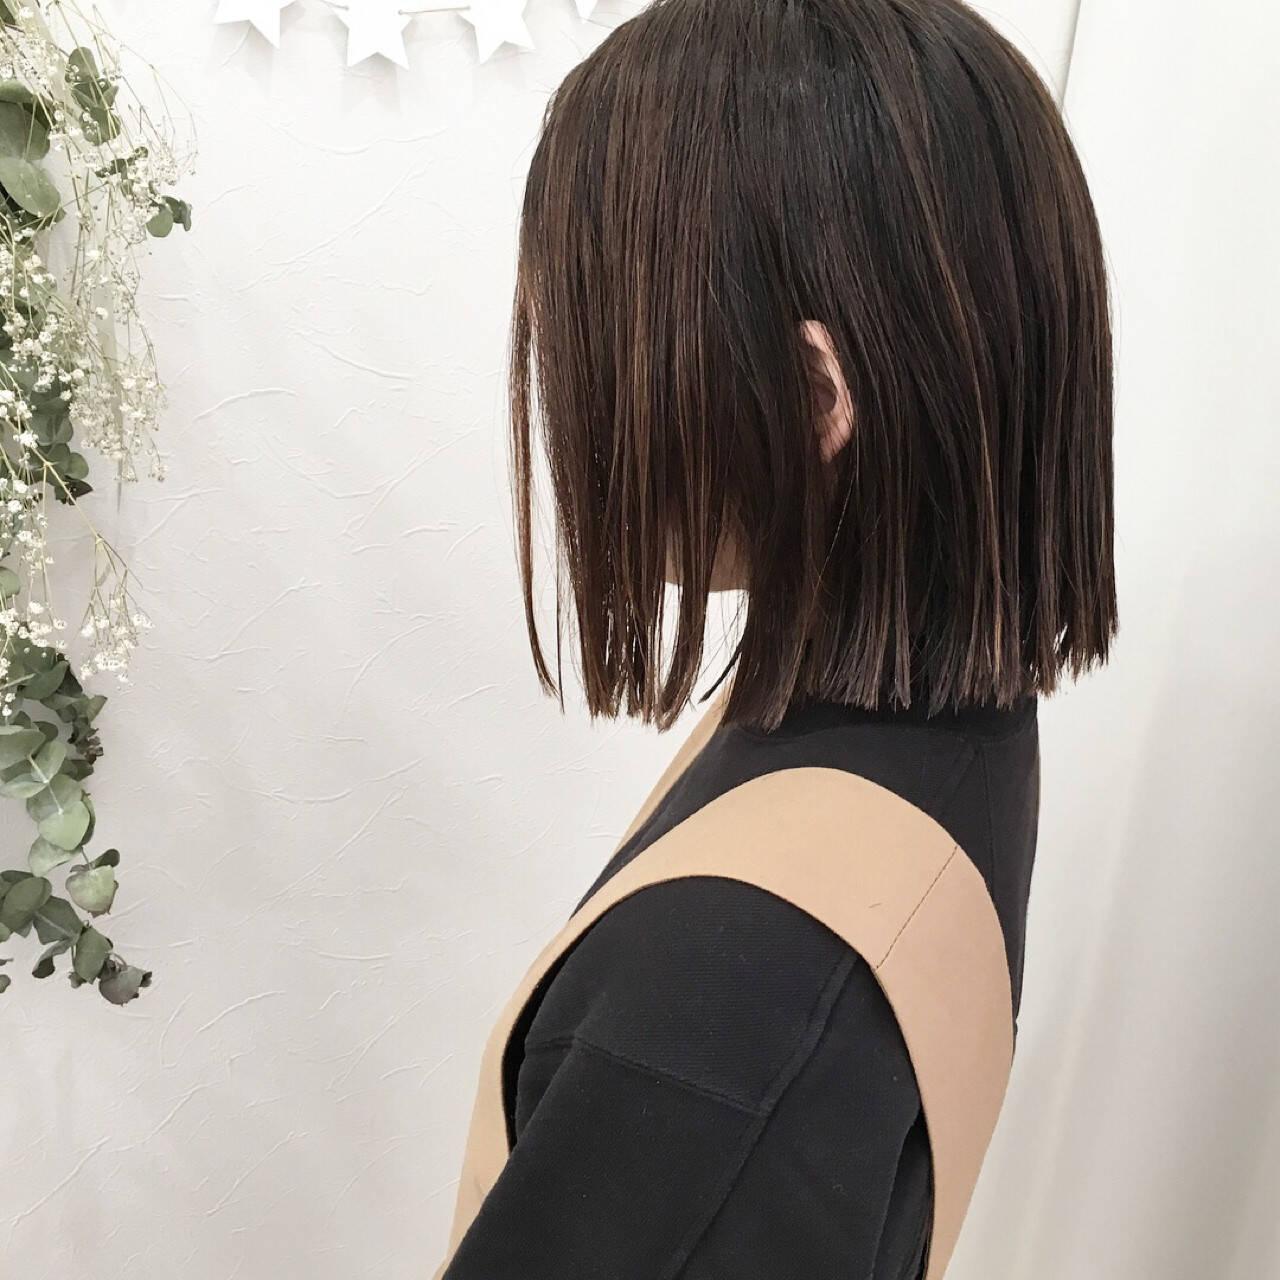 パーマ ストレート ロブ ハイライトヘアスタイルや髪型の写真・画像